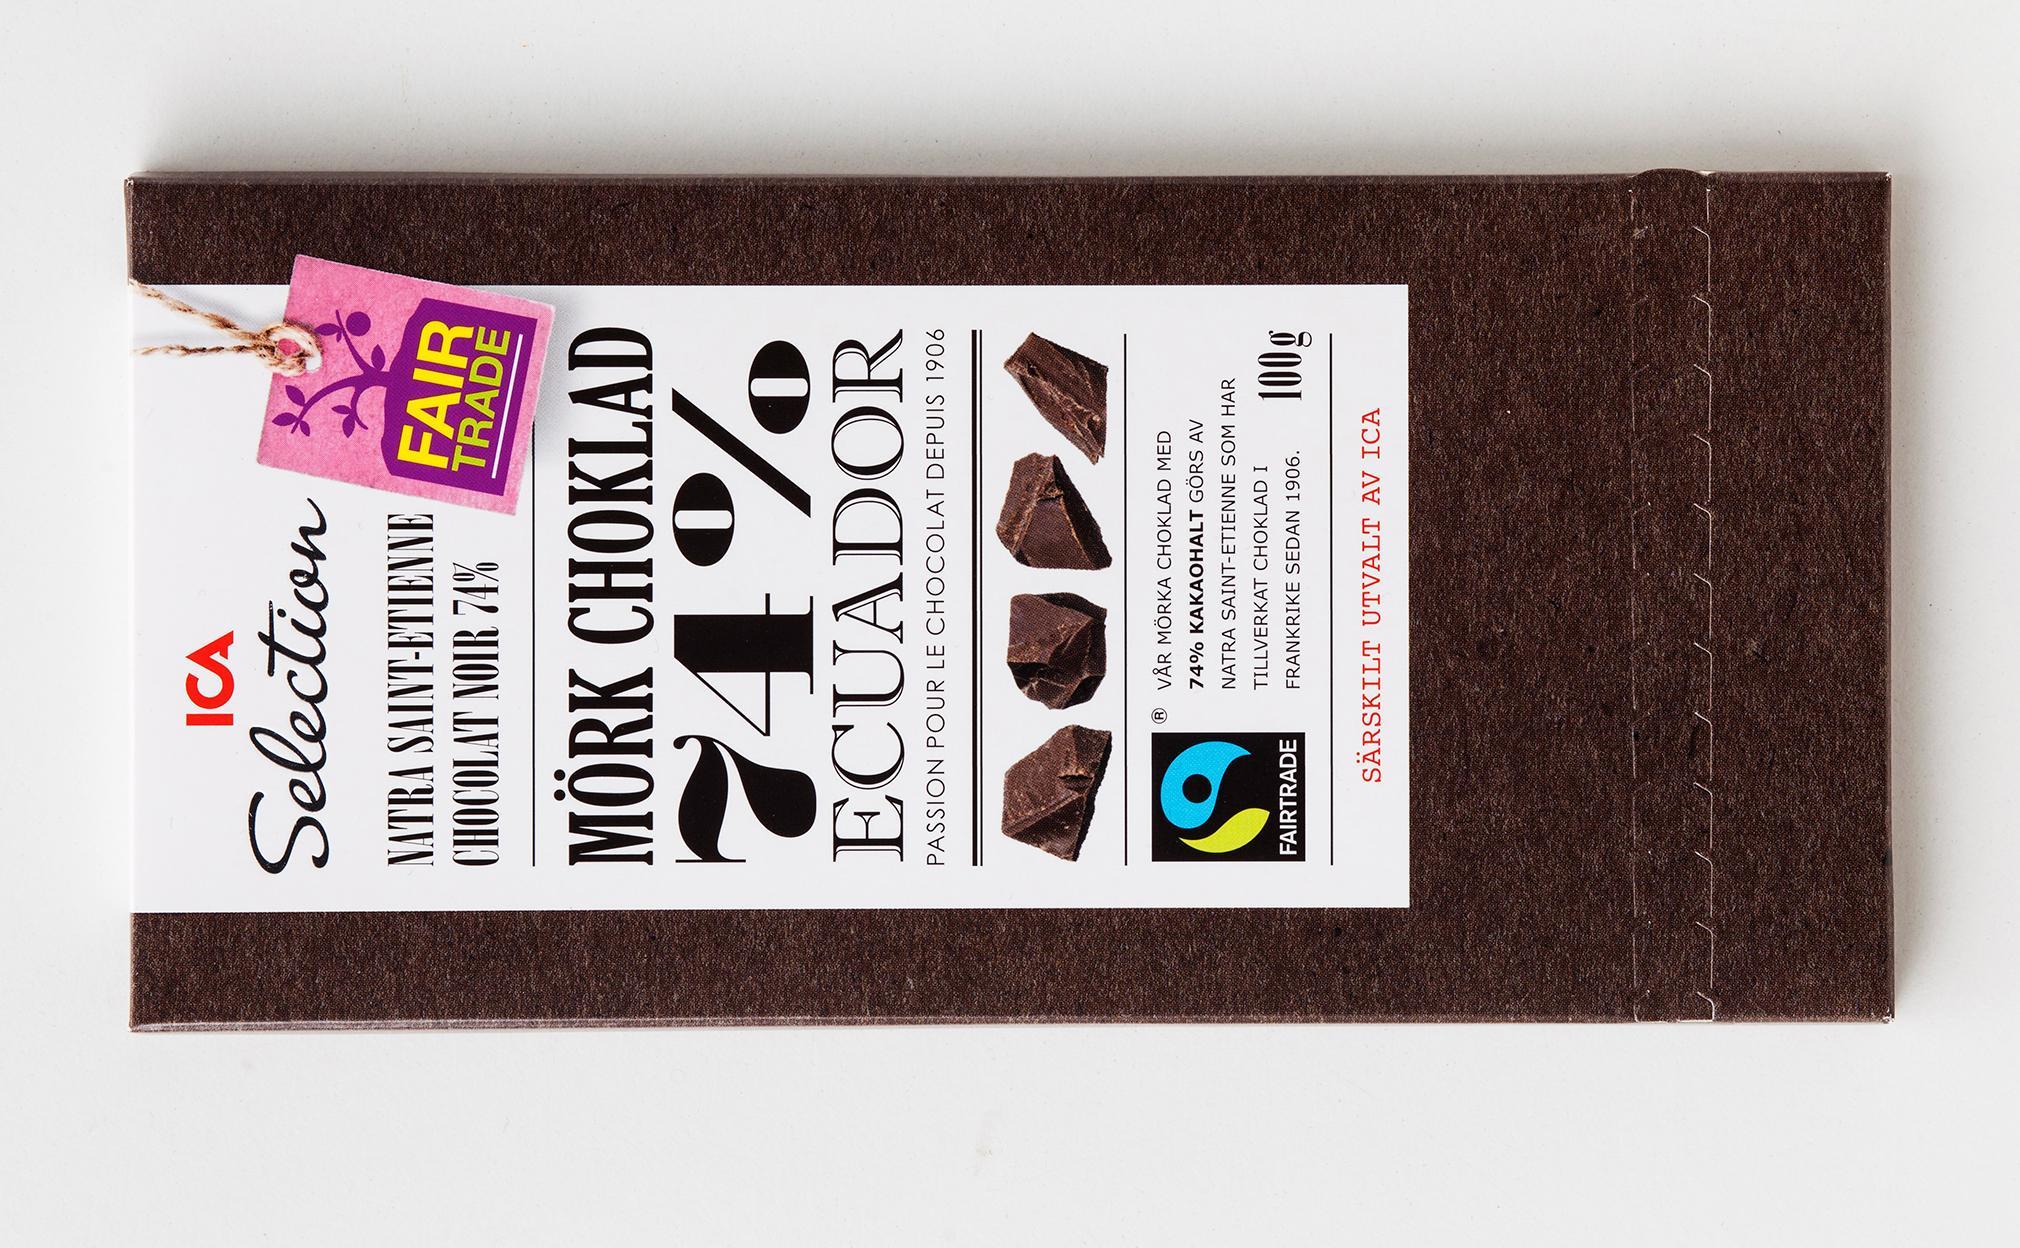 garant mörk choklad